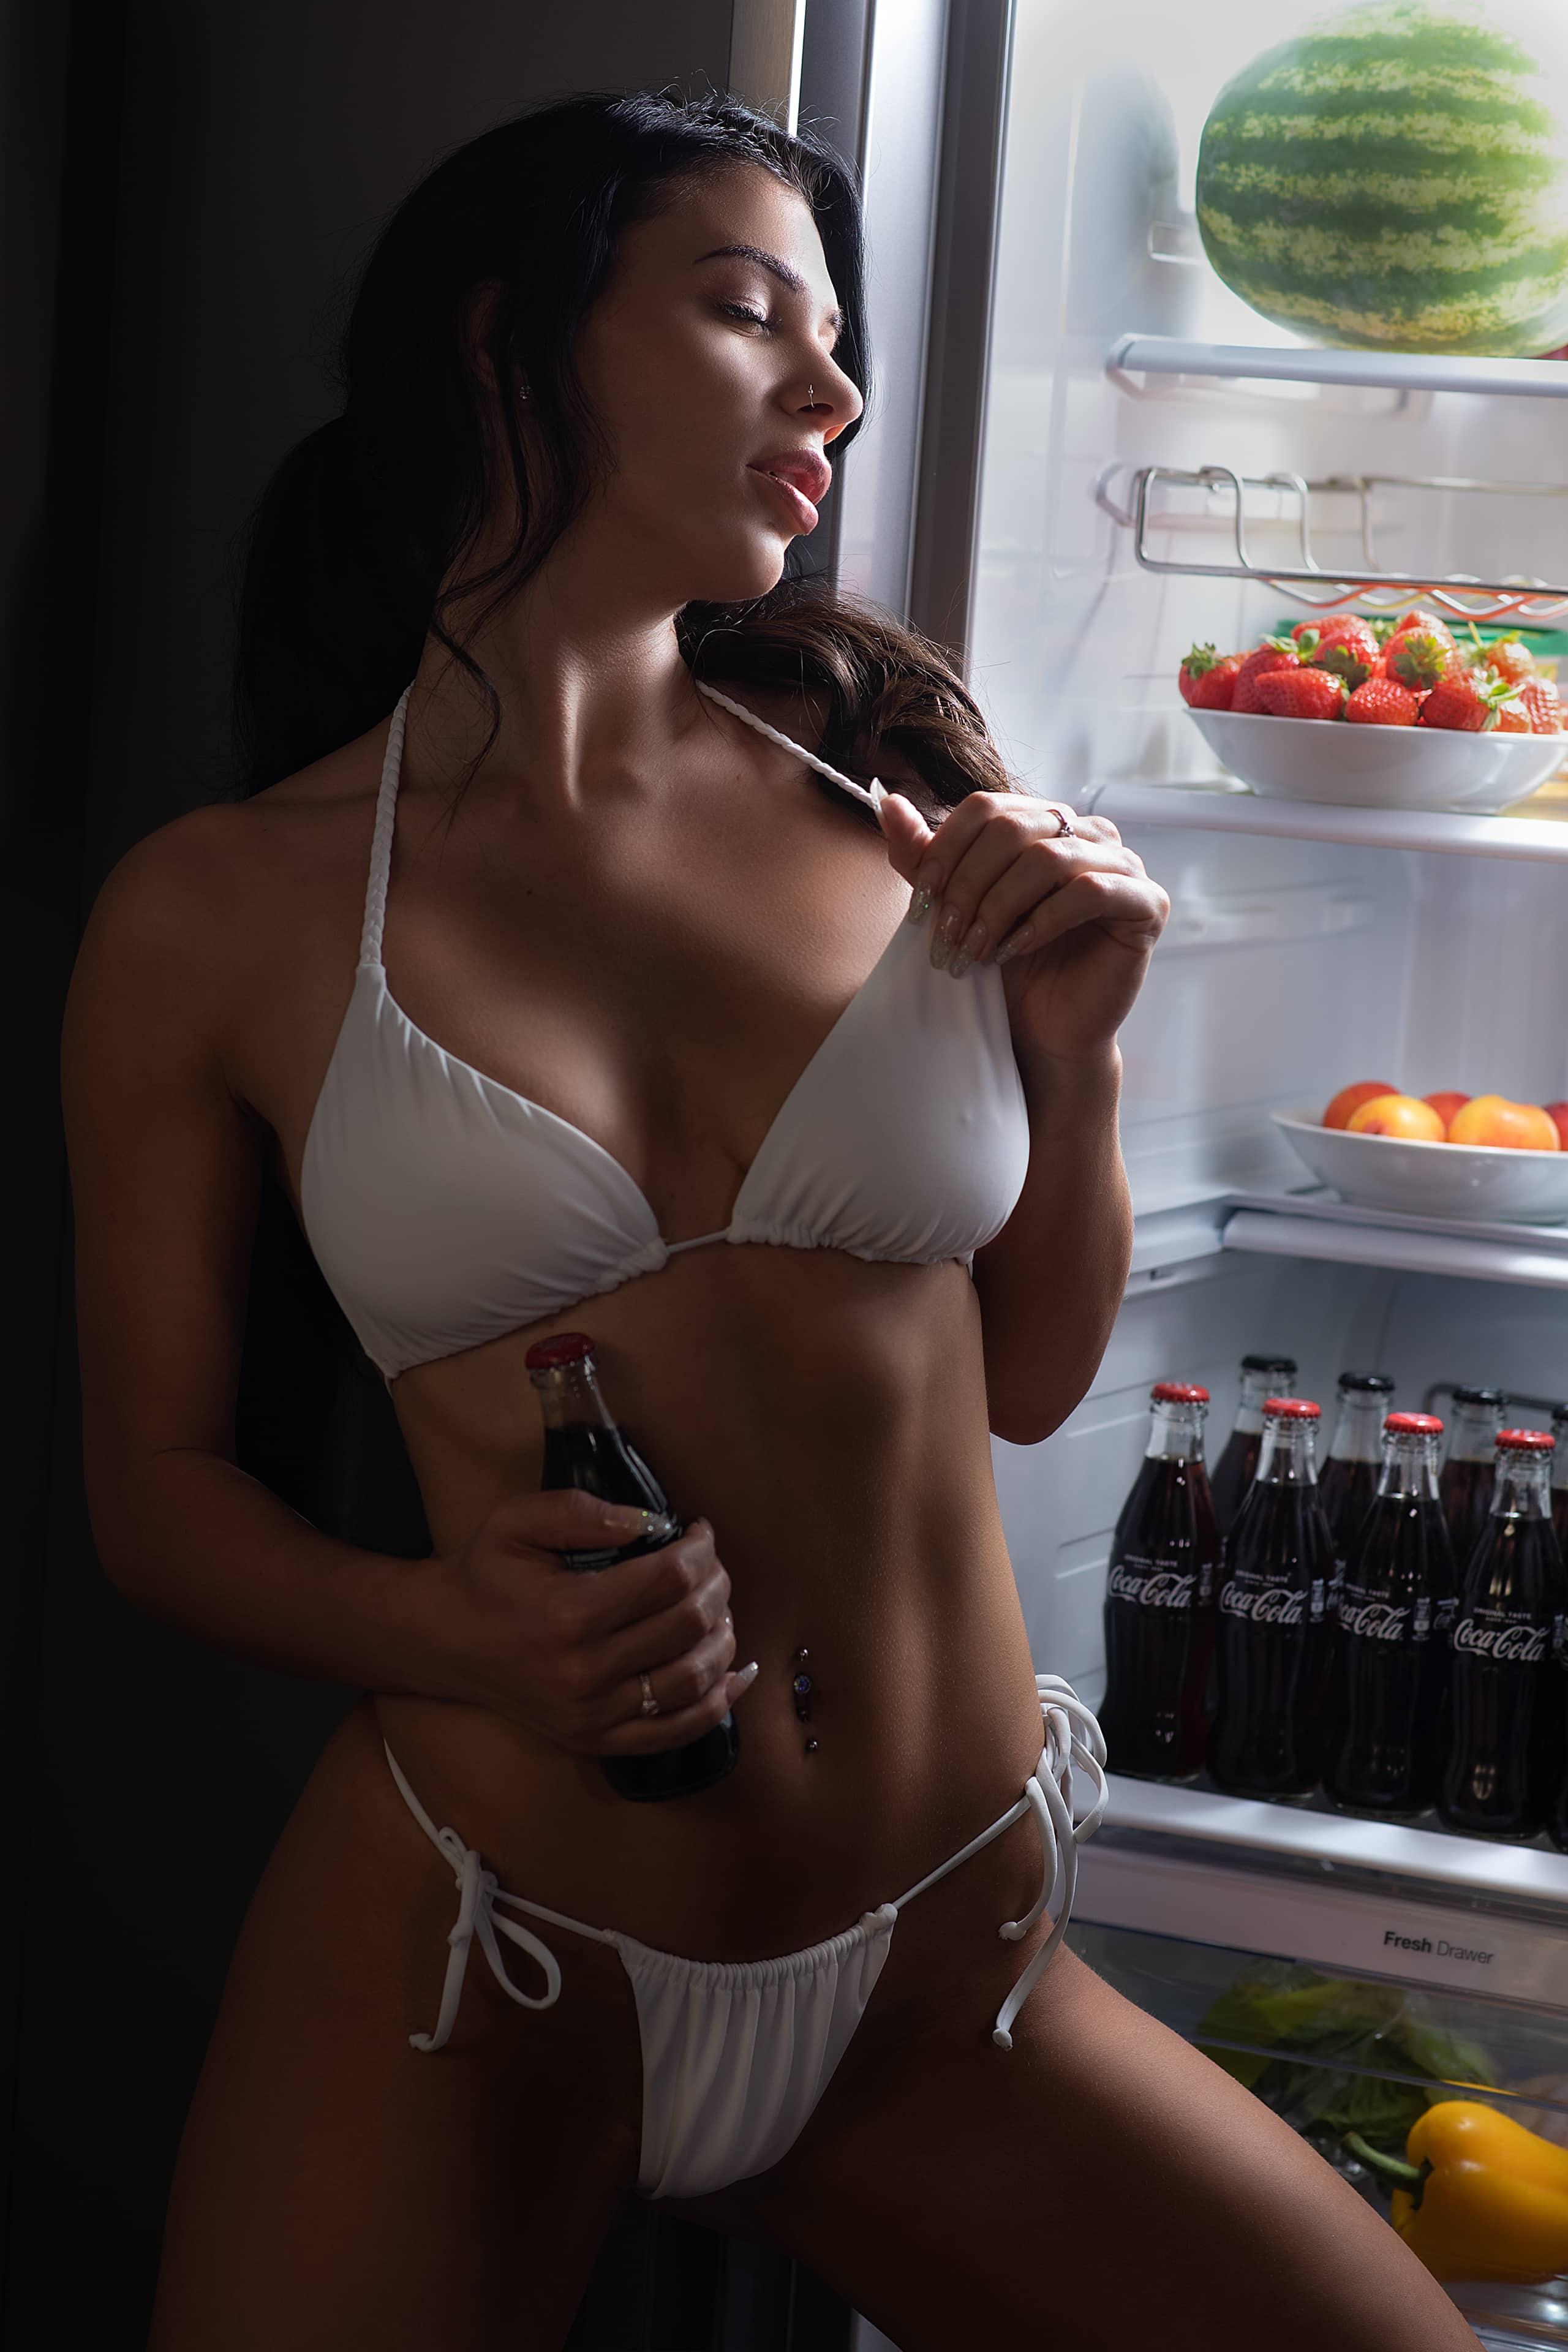 fridgefun04